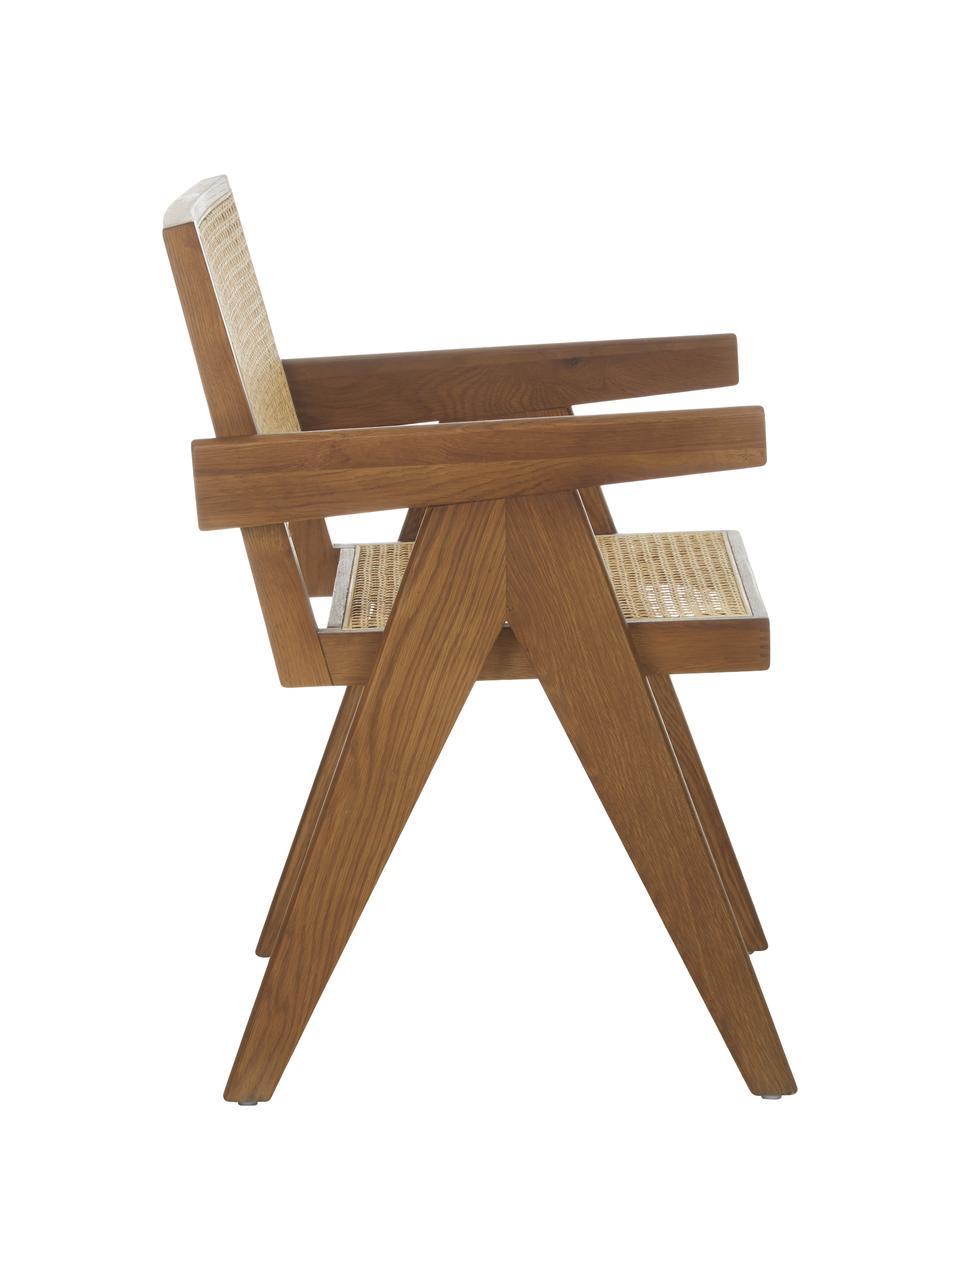 Armstoel Sissi met Weens vlechtwerk, Frame: massief eikenhout, Zitvlak: rotan, Eikenhoutkleurig, 52 x 58 cm